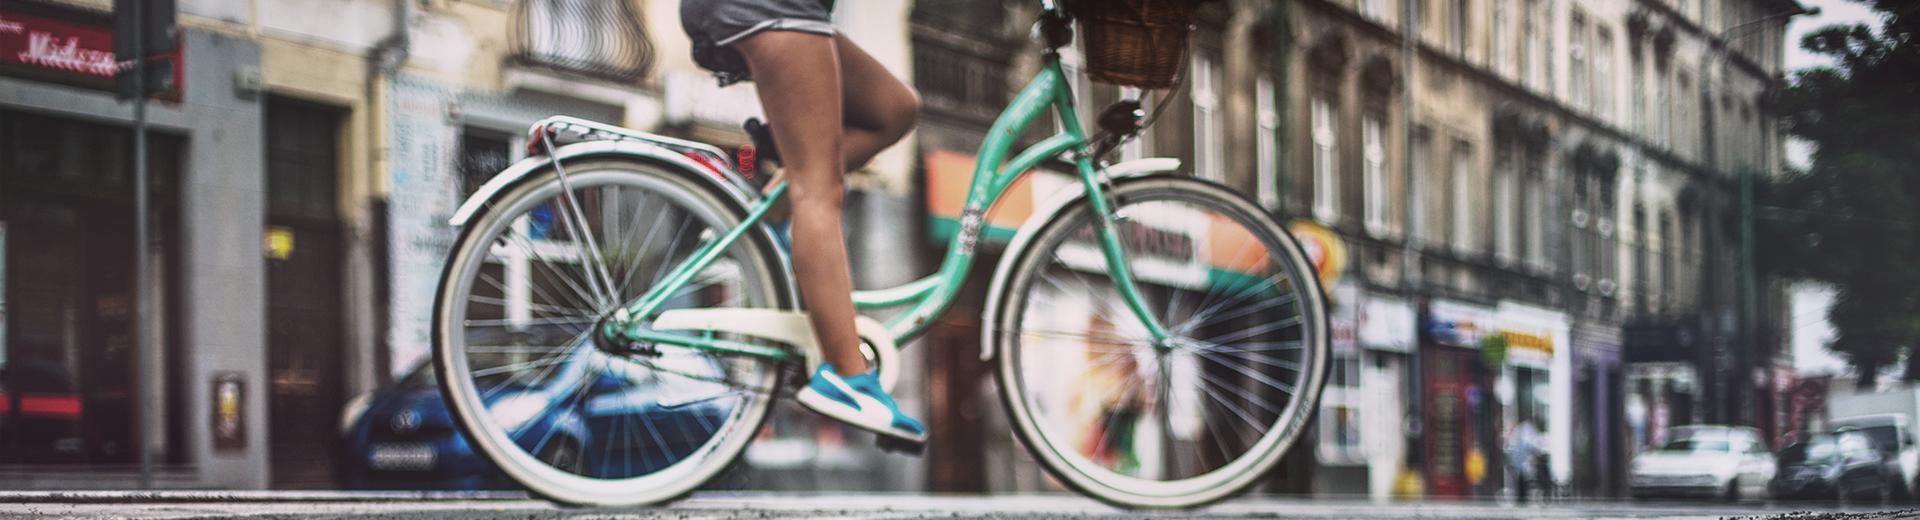 couverture équipement cyclisme.png